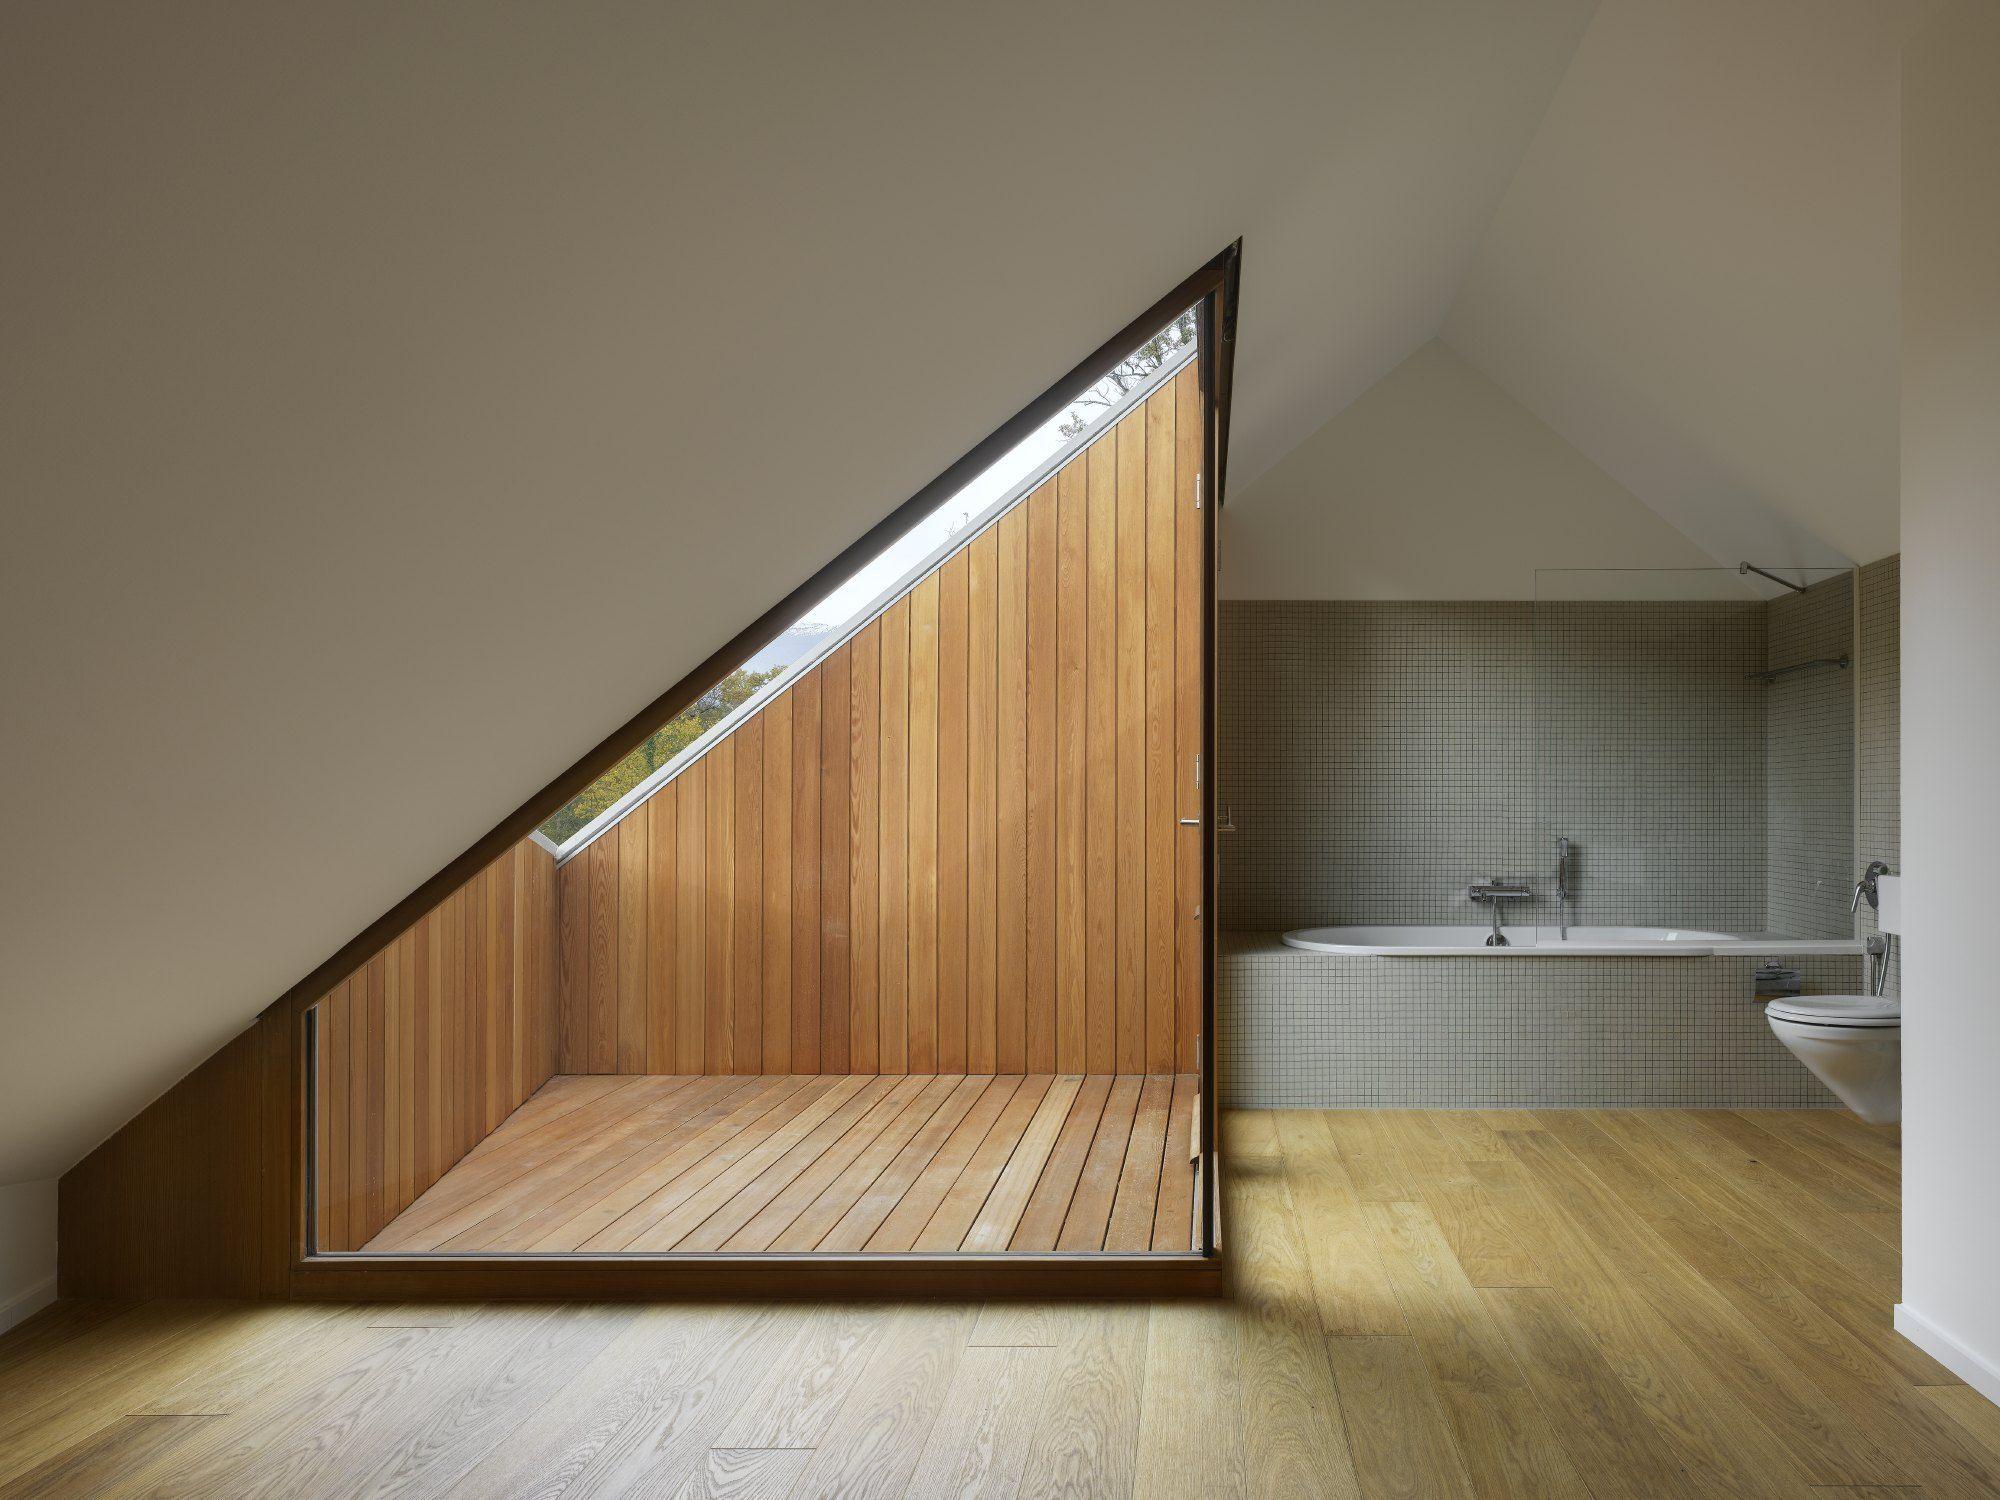 Satteldach aus beton villa in genf beton architektur for Innenarchitektur studium ausland